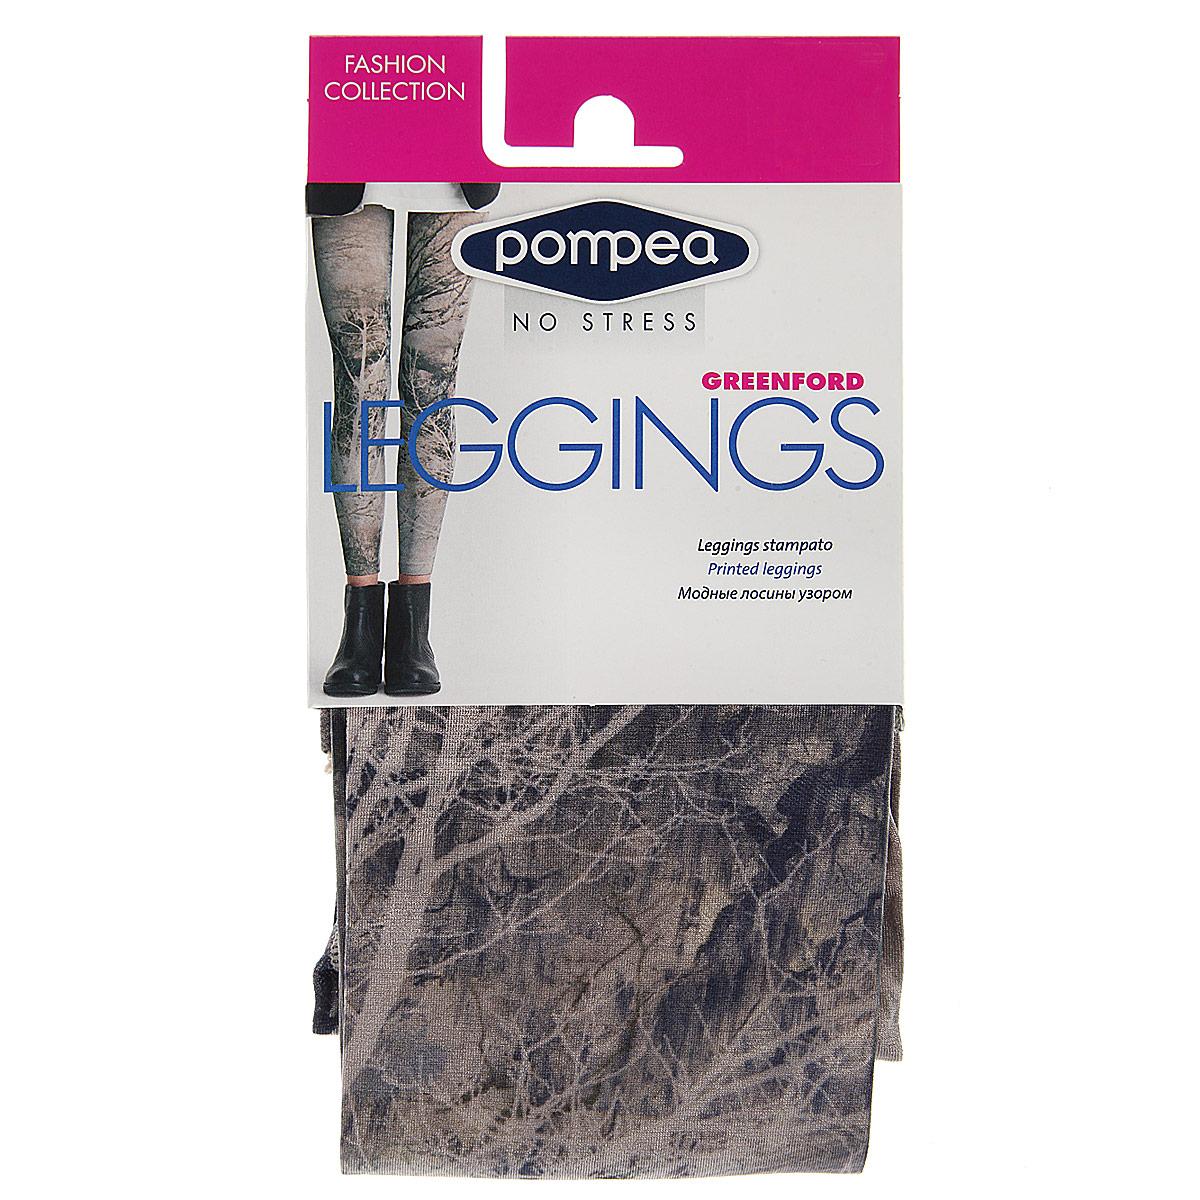 Леггинсы90768957_NatureМодные женские леггинсы Pompea Greenford Fashion изготовлены из эластичного материала. Леггинсы на талии имеют широкую уплотненную мягкую резинку. Модель обтягивающего силуэта выгодно подчеркнет достоинства вашей фигуры. Такие леггинсы вы можете носить с туникой, длинной футболкой или майкой. Они послужат отличным дополнением к вашему гардеробу, в них вы будете чувствовать себя комфортно и уютно.